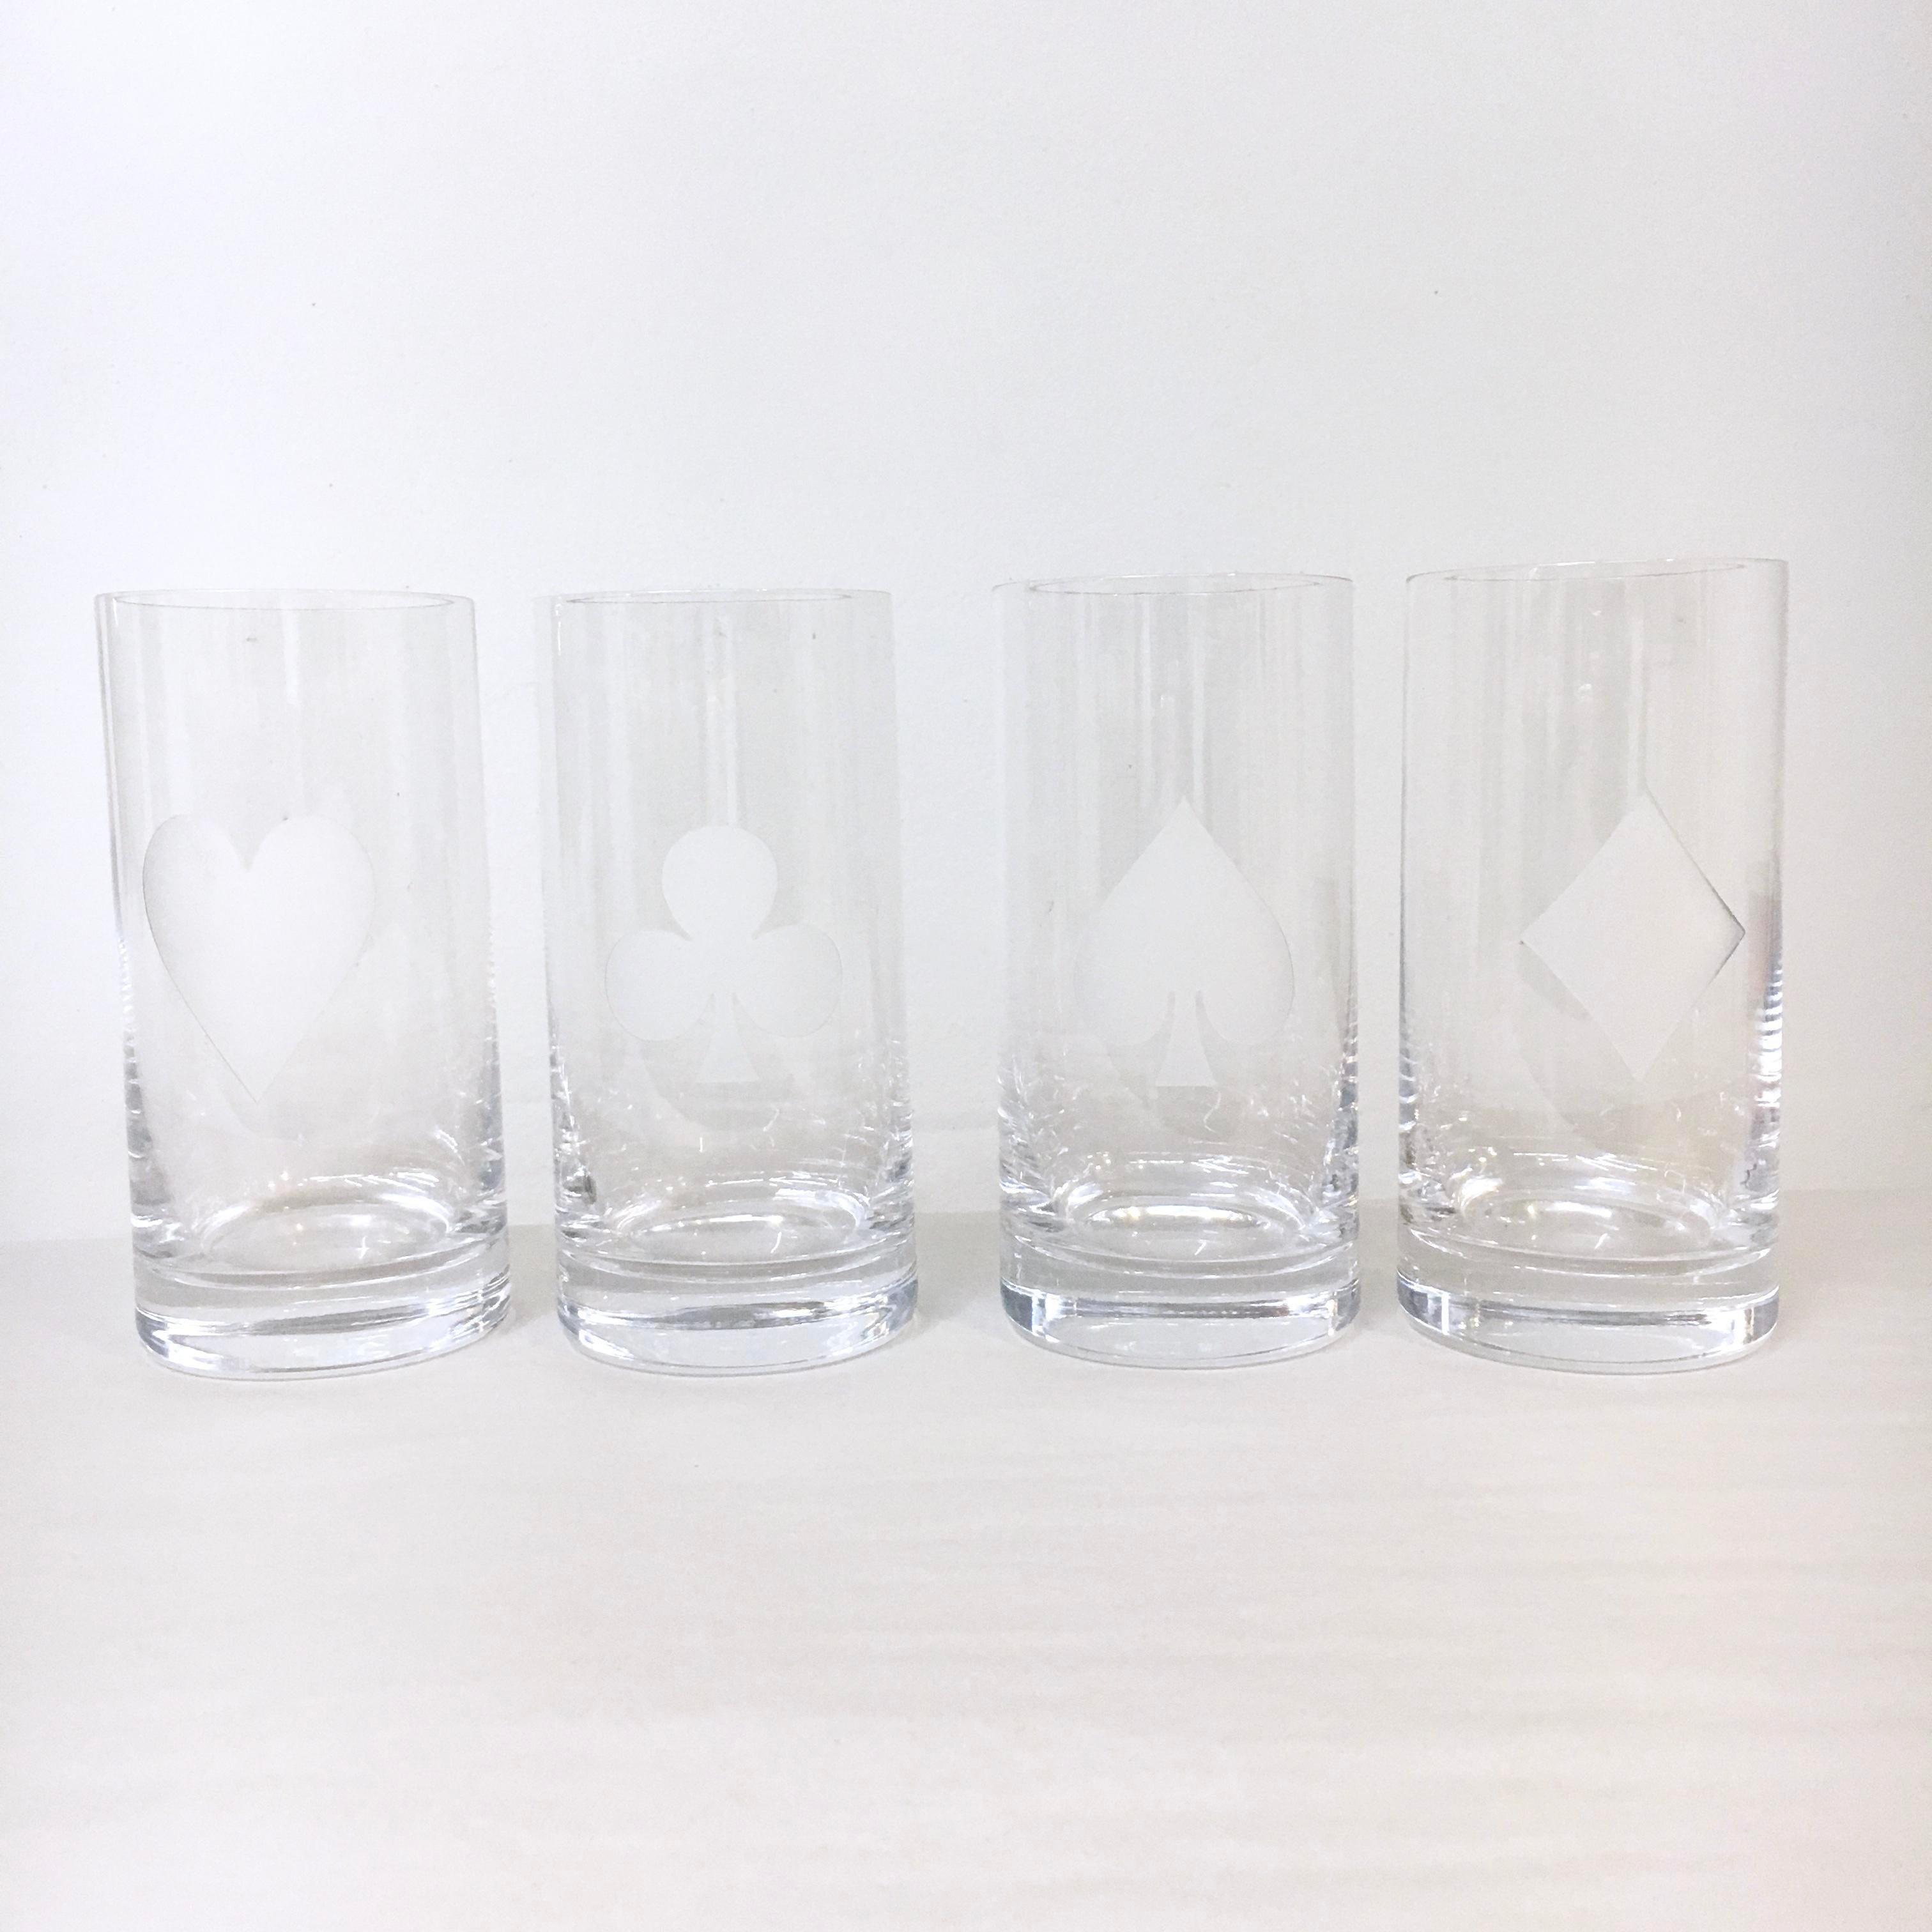 Kate Spade U0027Gin Rummyu0027 Crystal Barware   Set Of 8   Image ...